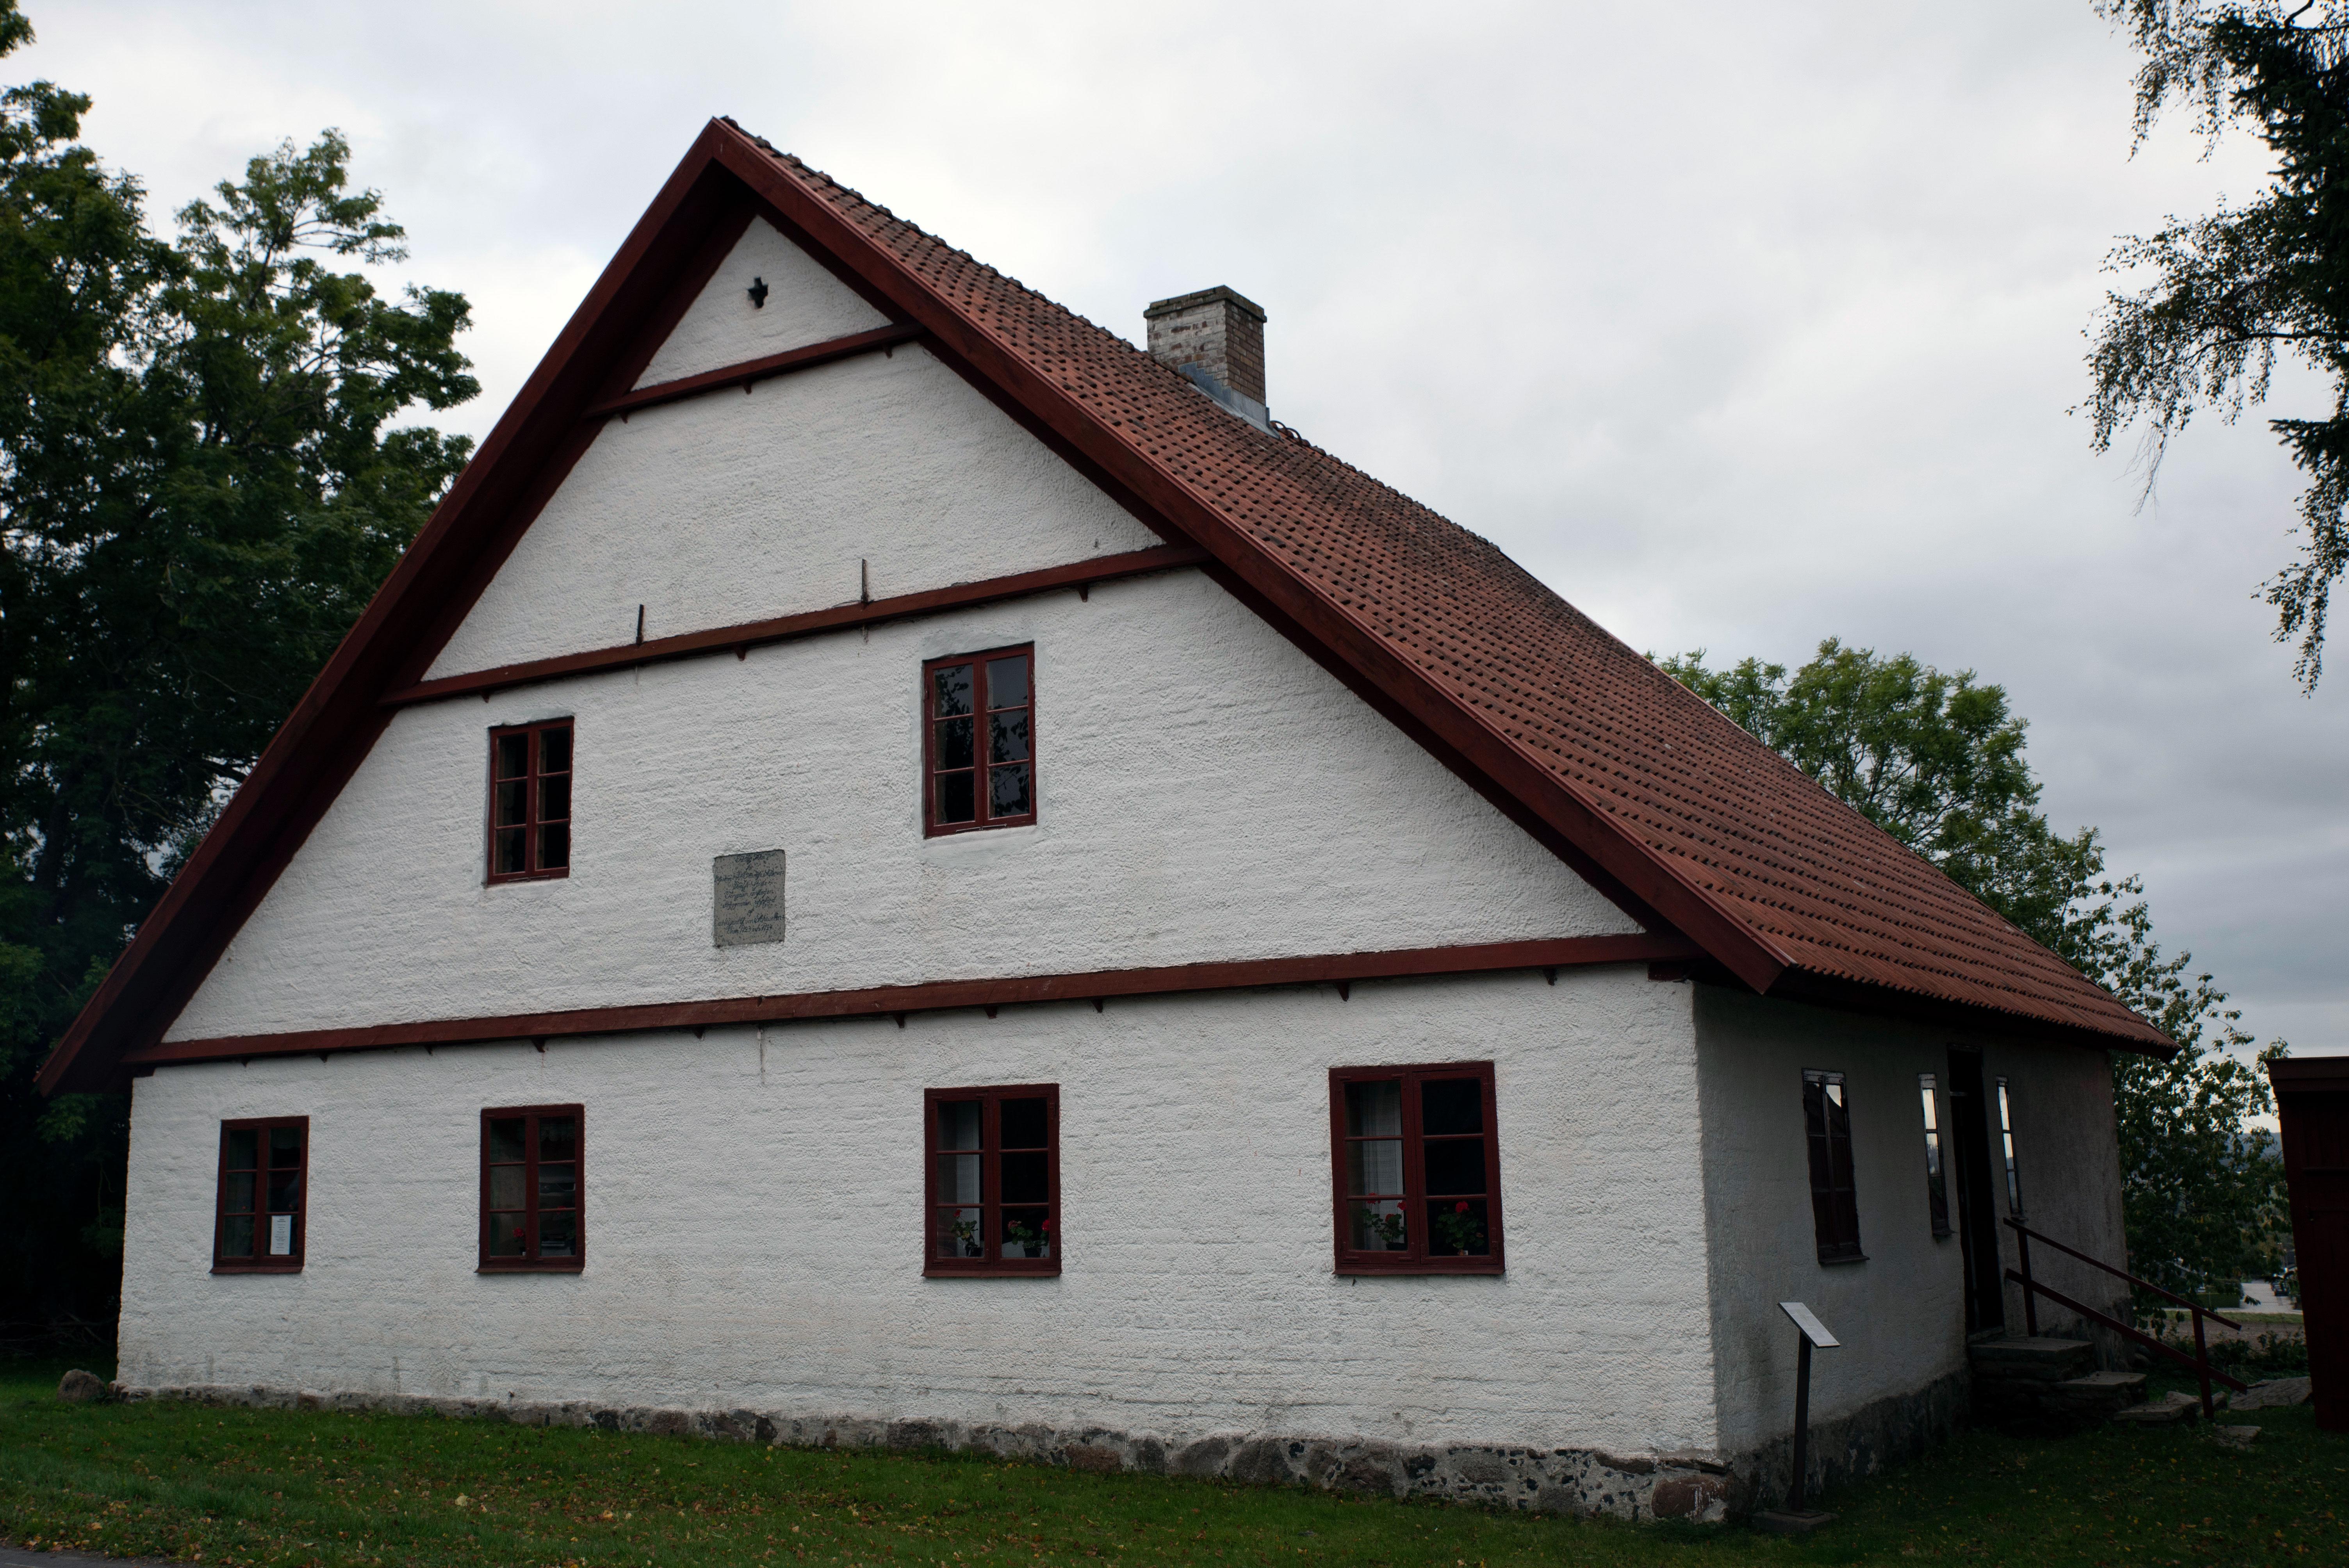 Harlösa donationshus byggdes som fattighus i början av 1800-talet